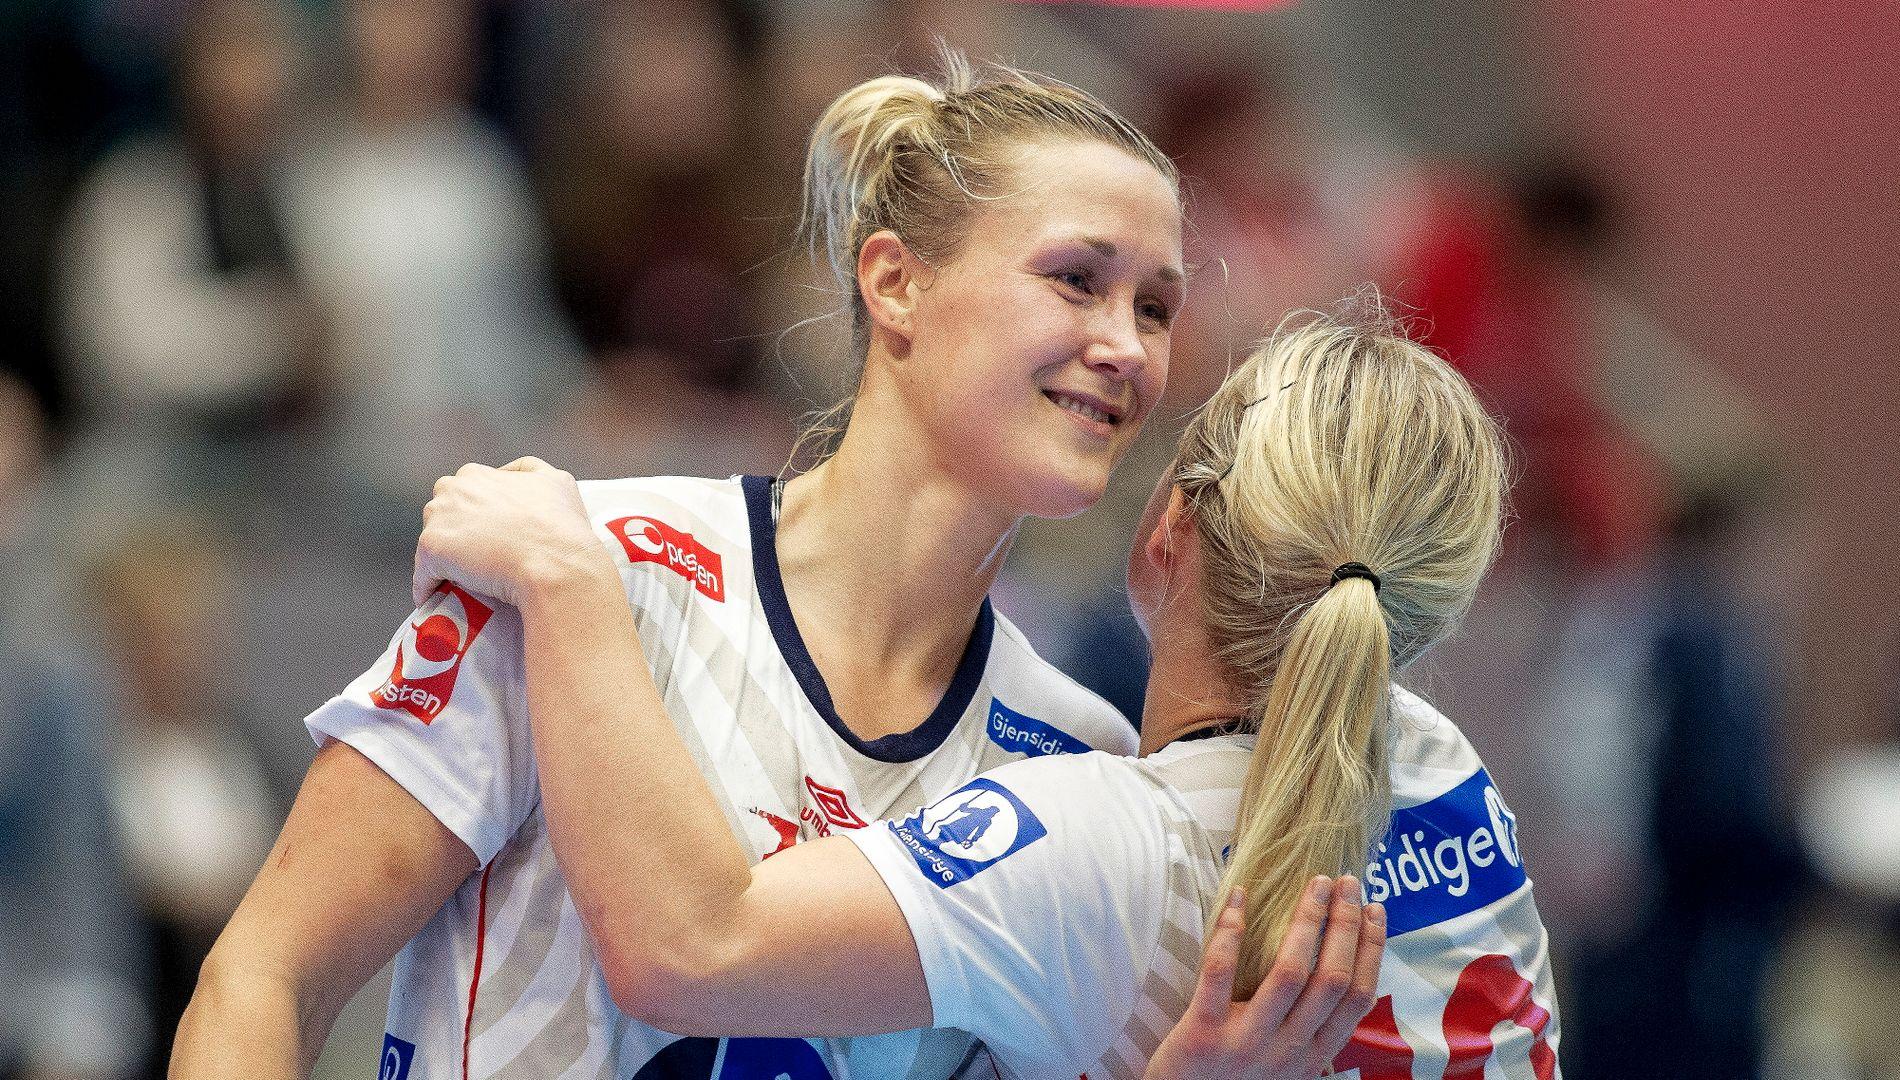 GAMMEL OG GOD: Marit Malm Frafjord vant EM-gull med Norge allerede for 10 år siden. Nå blir hun igjen en nøkkelspiller under EM i Sverige. Her gratuleres strekspilleren med ett av sine syv mål av kaptein Stine Bredadl Oftedal.